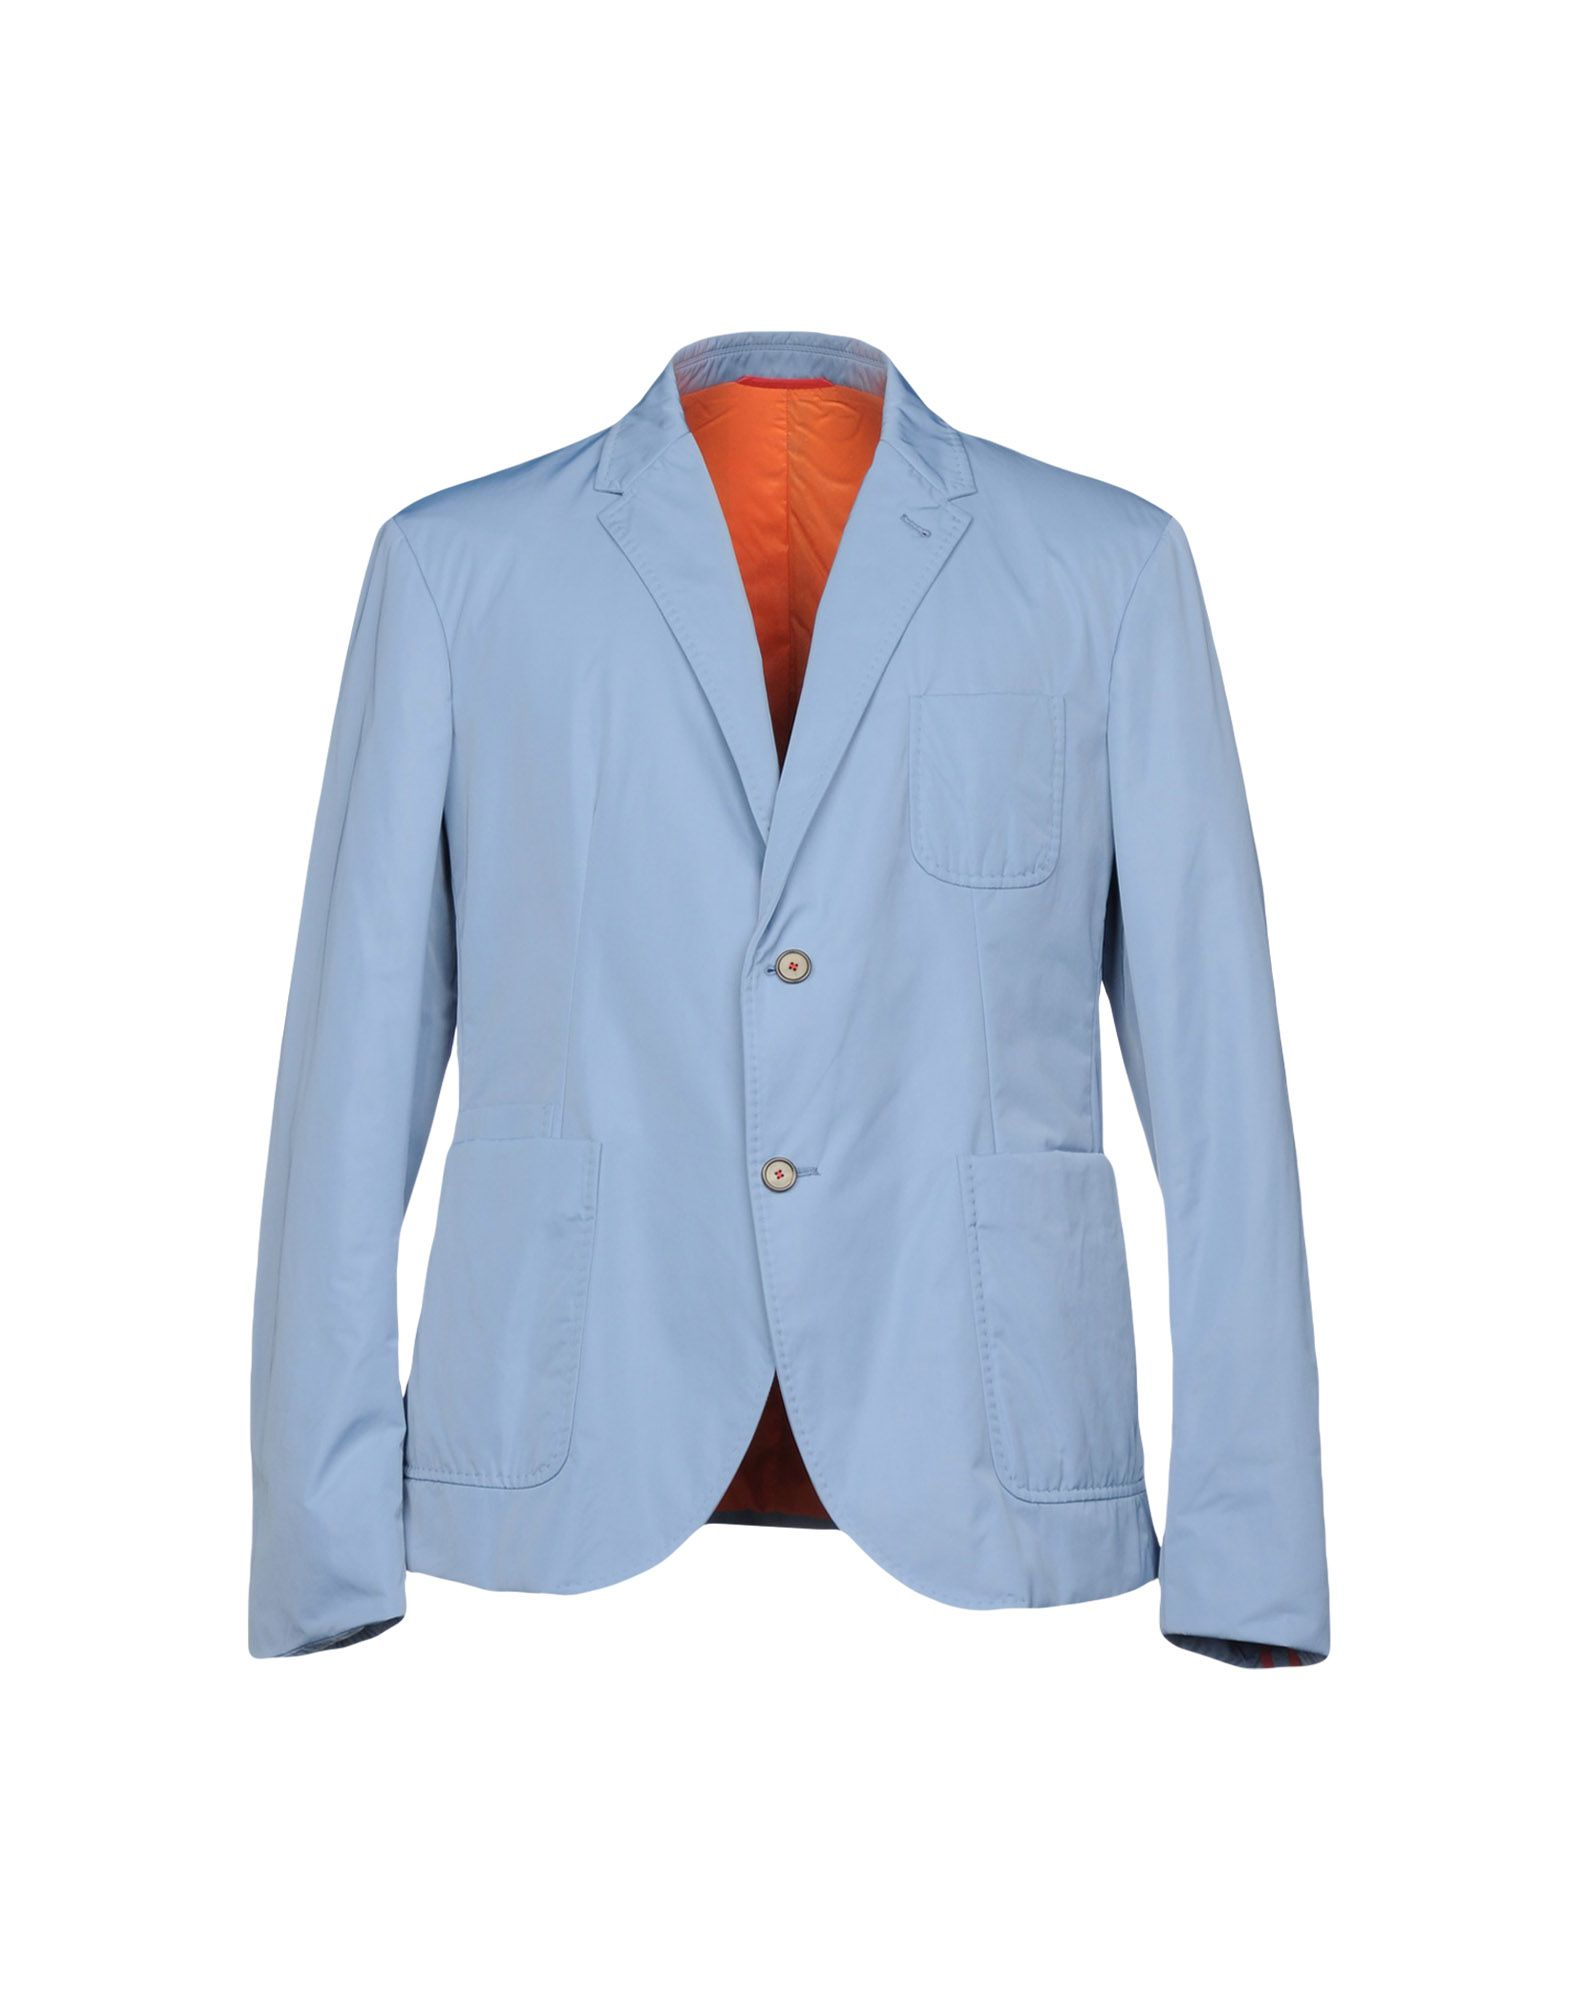 《送料無料》SOME WEAR ELSE メンズ テーラードジャケット アジュールブルー 52 ポリエステル 100%